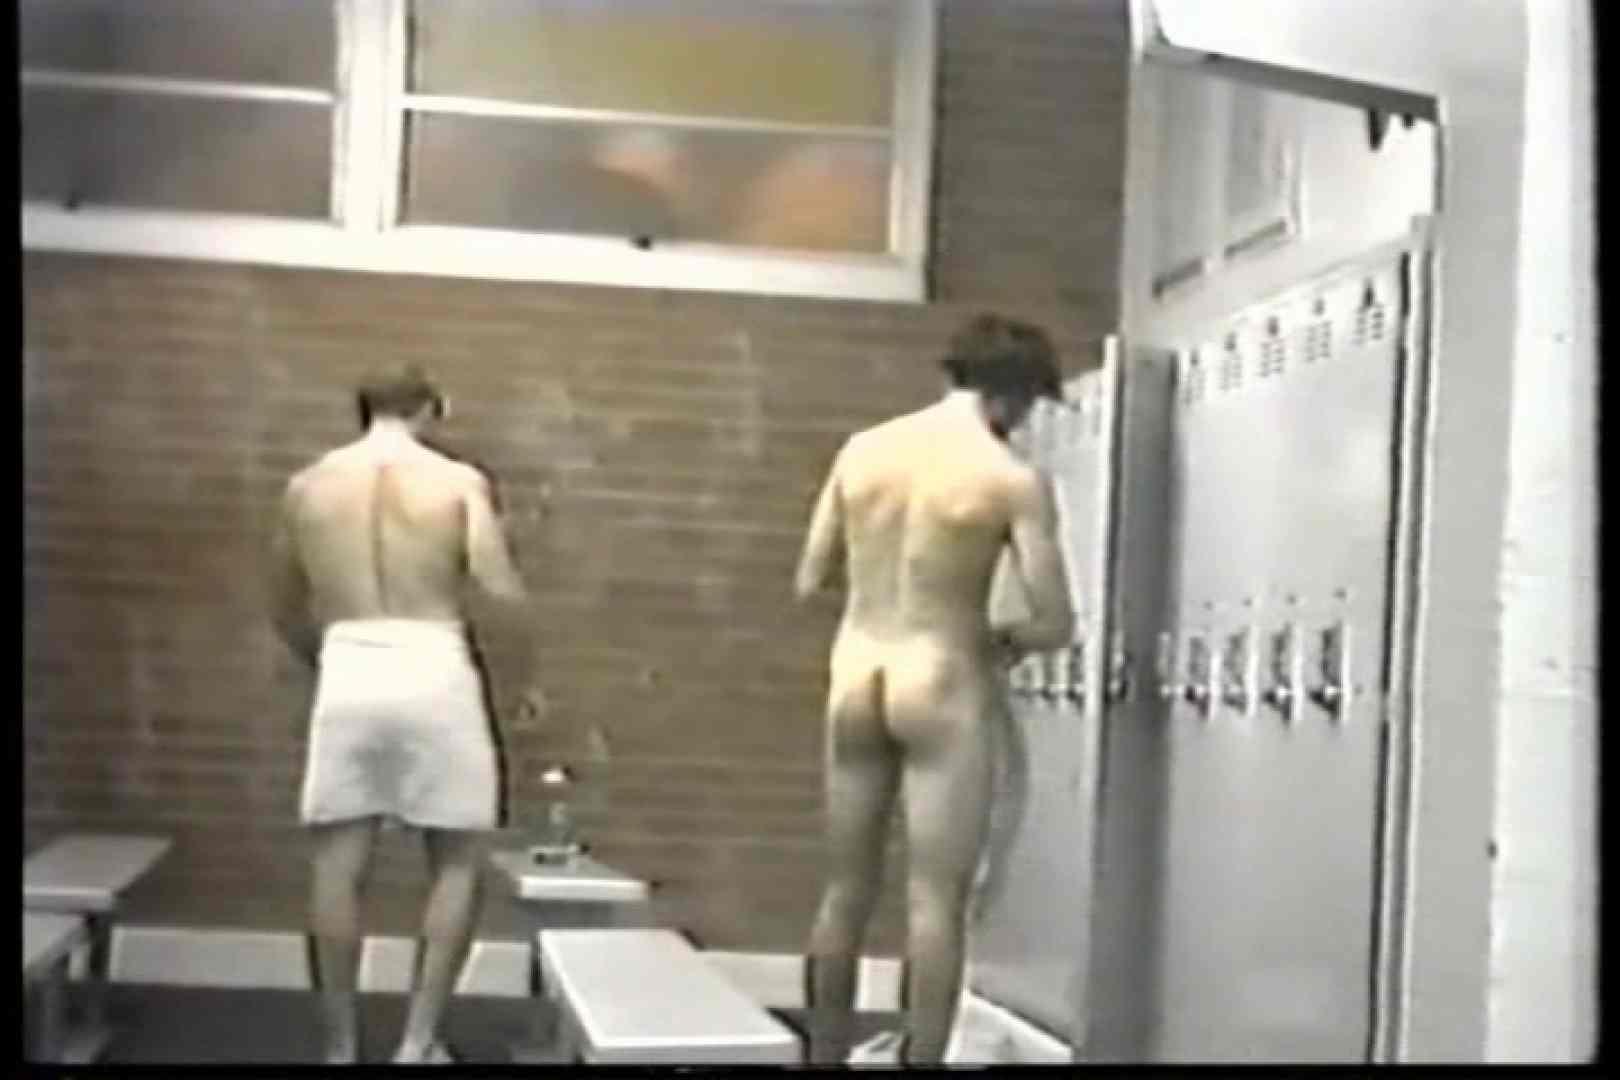 洋人さんの脱衣所を覗いてみました。VOL.5 男  50pic 3